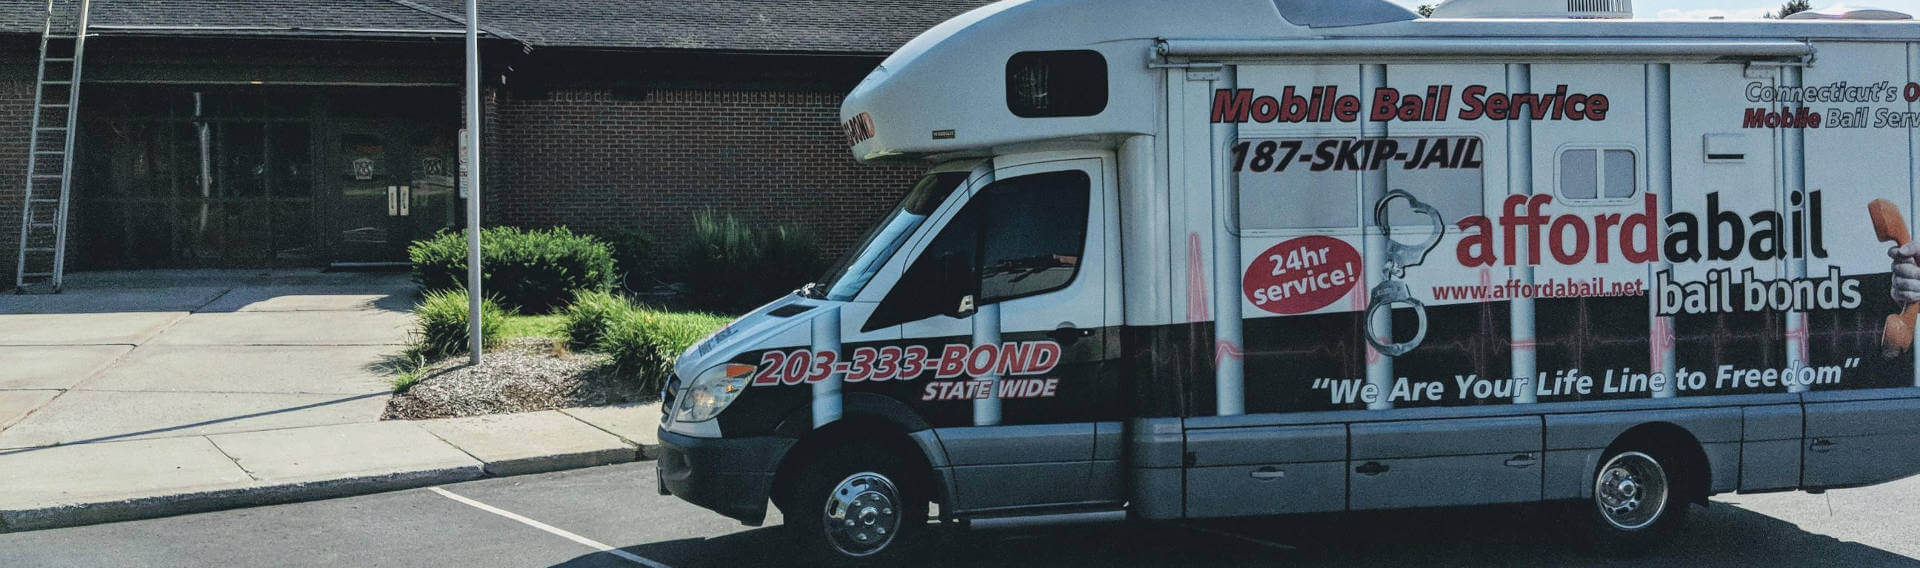 Mobile bail bonds service in Vernon, CT